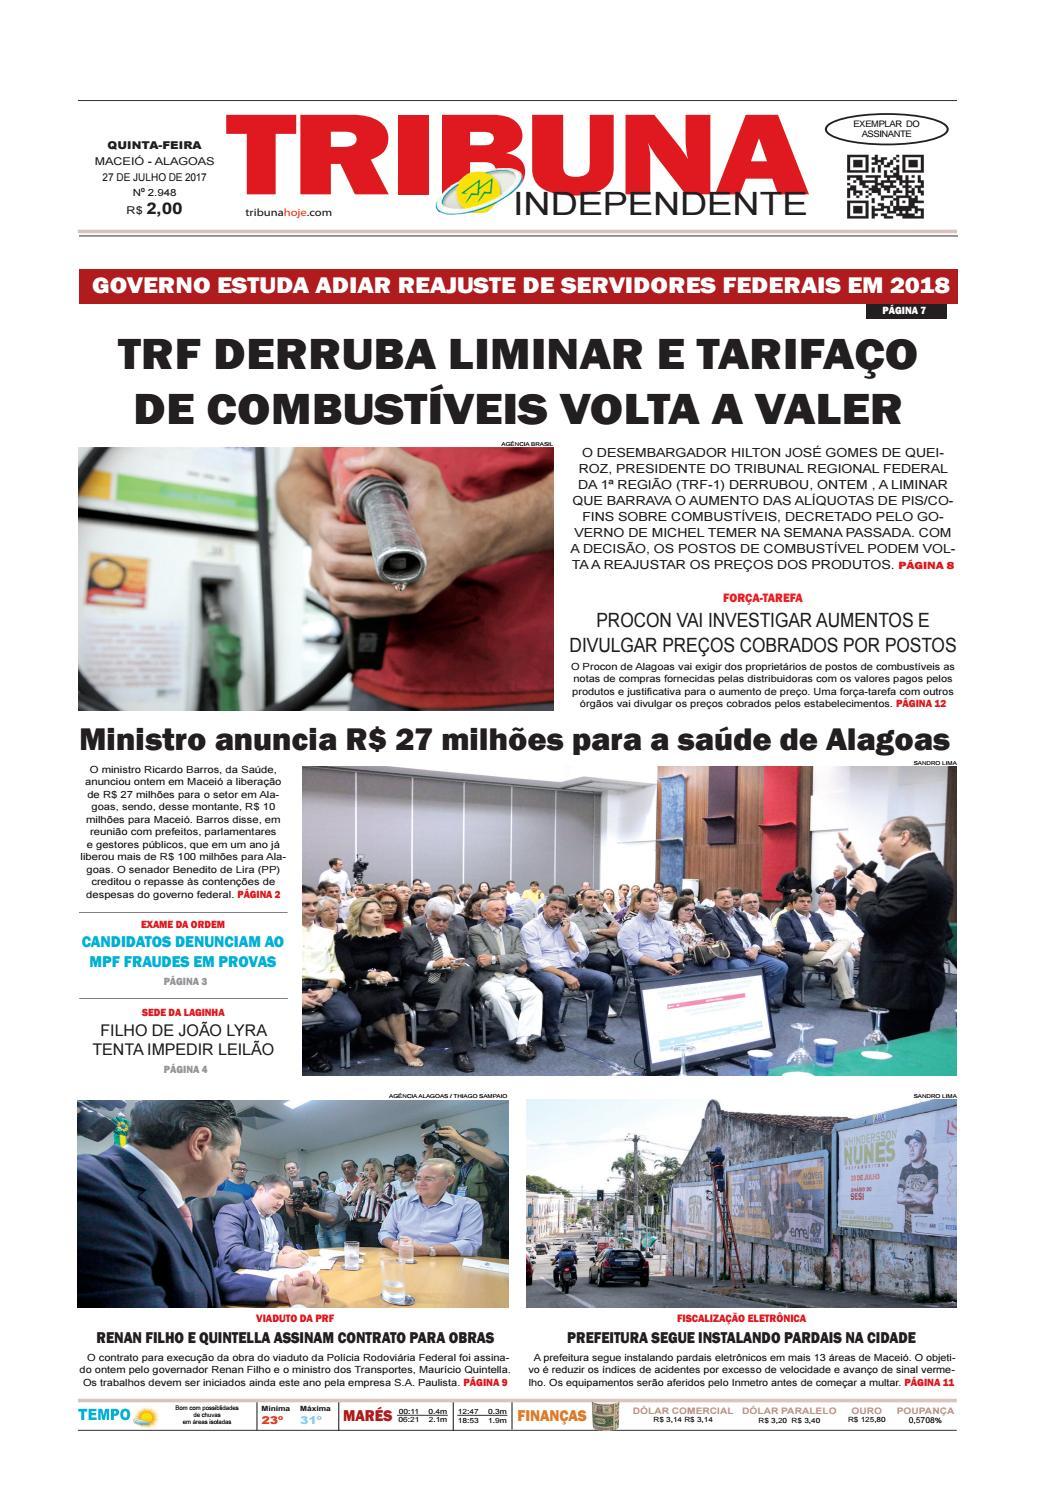 e748de7b36a84 Edição número 2948 - 27 de julho de 2017 by Tribuna Hoje - issuu